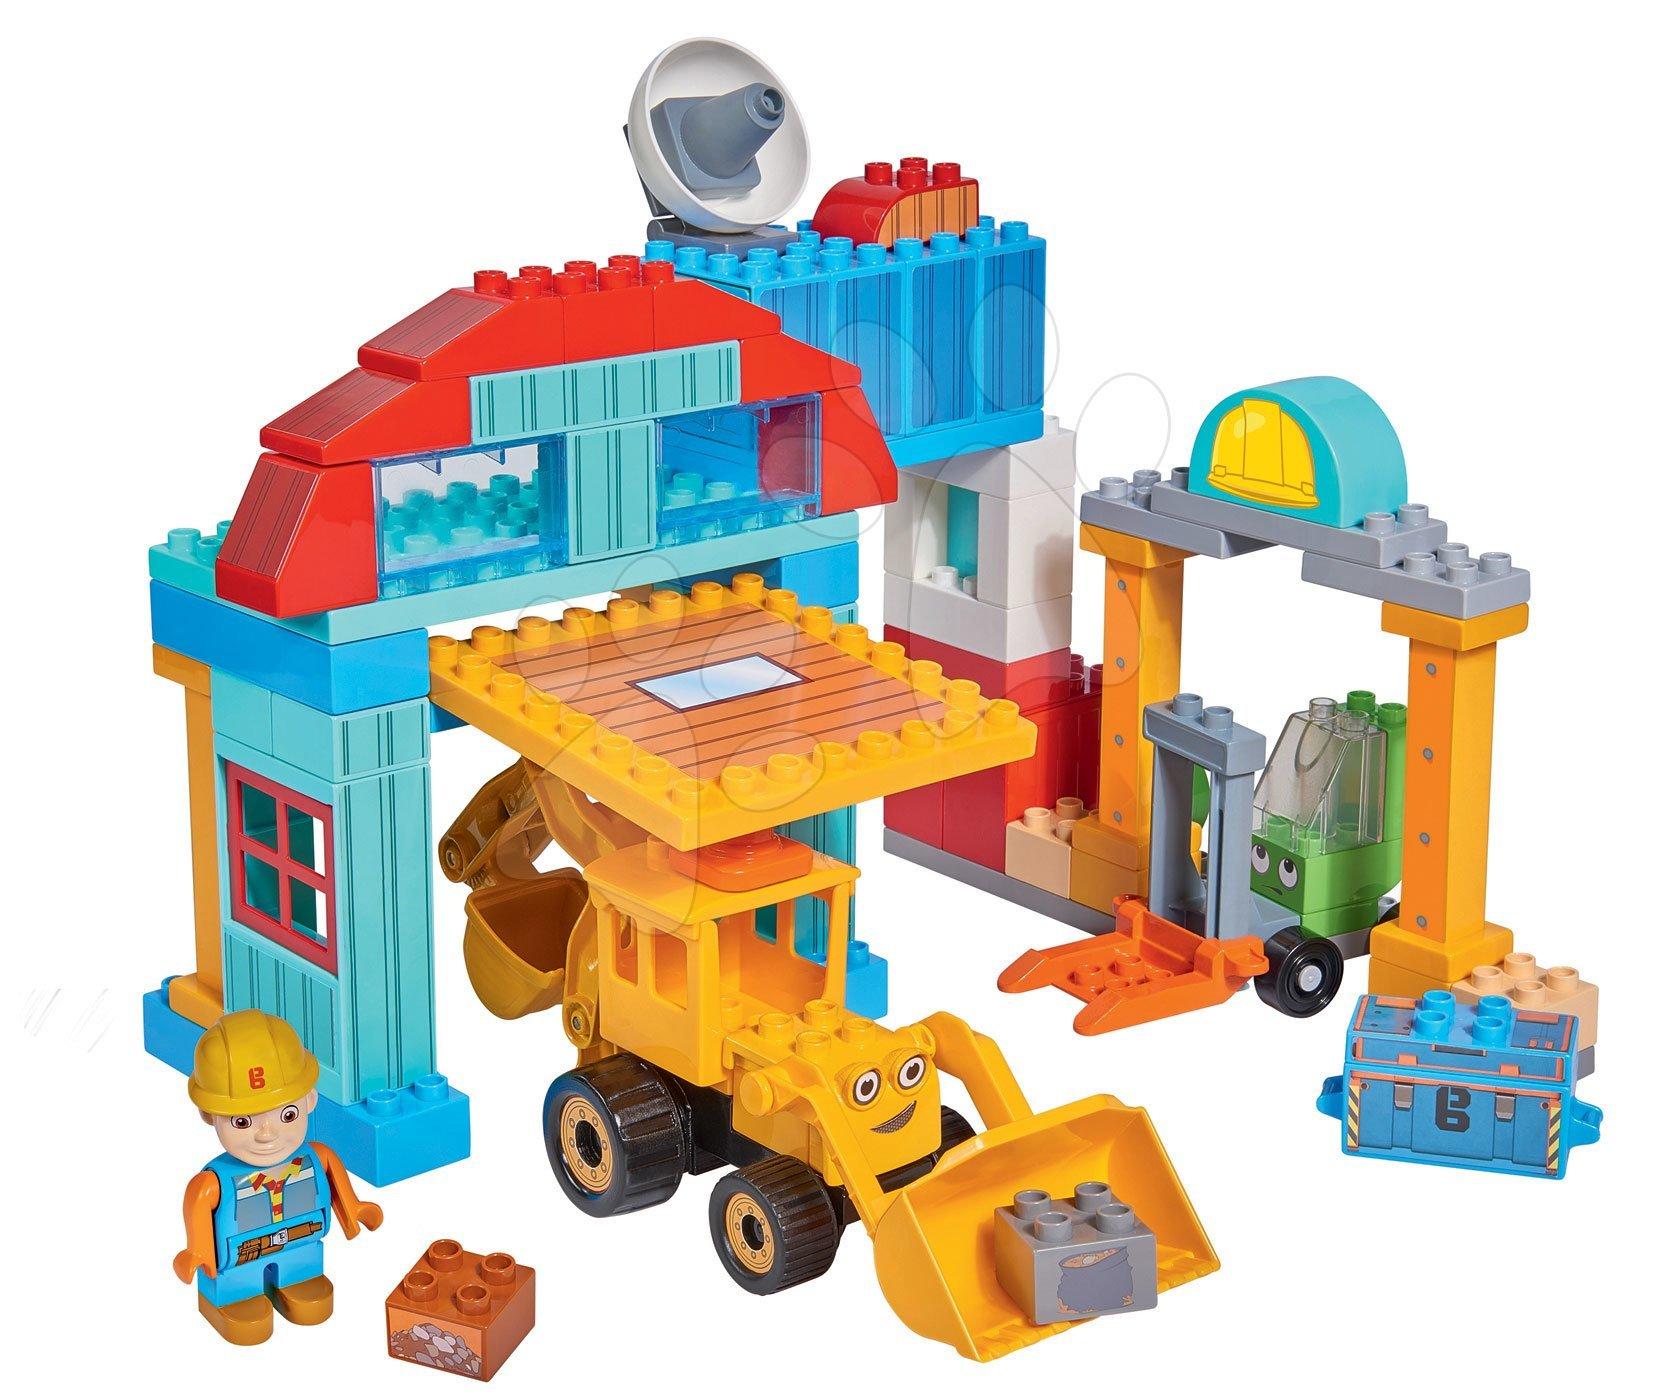 Stavebnica Staviteľ Bob PlayBIG Bloxx BIG Bob na stavenisku, 1 figúrka a 96 dielov od 24 mes